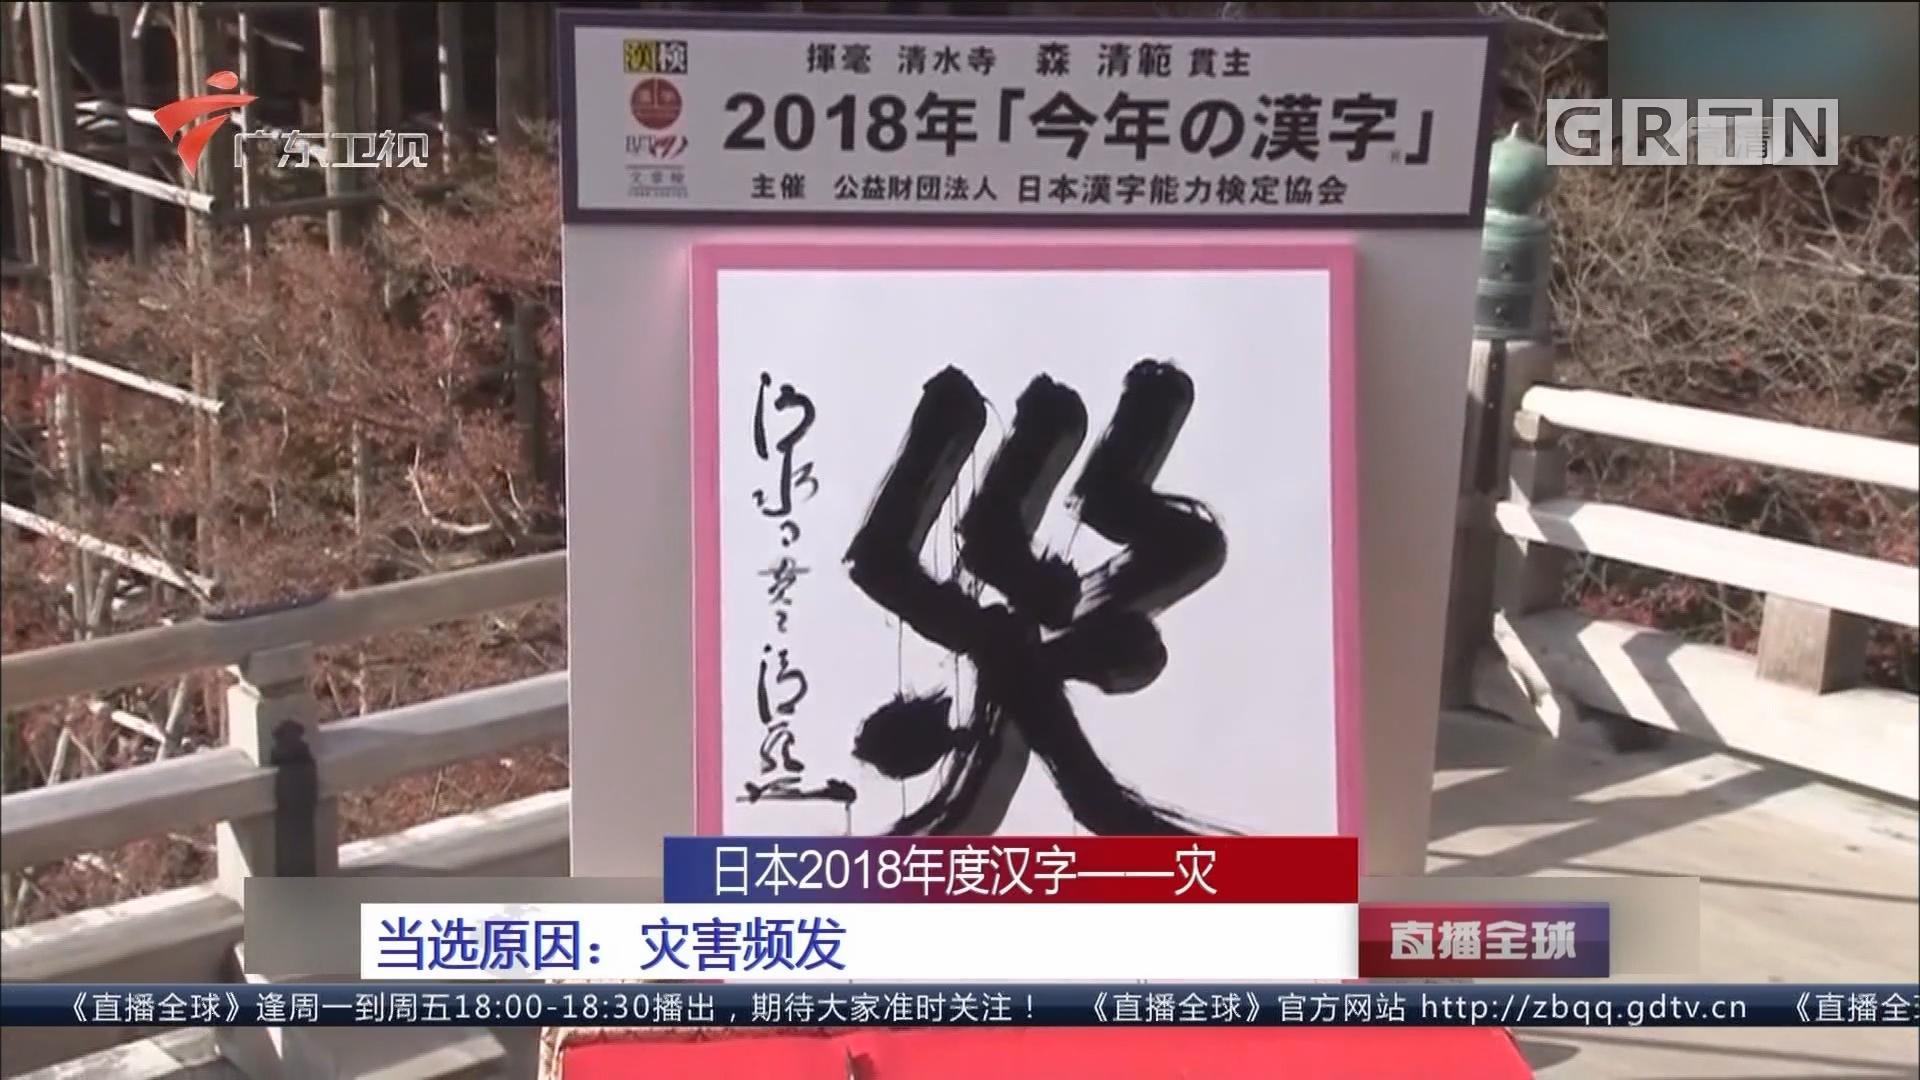 日本2018年度汉字——灾 当选原因:灾害频发